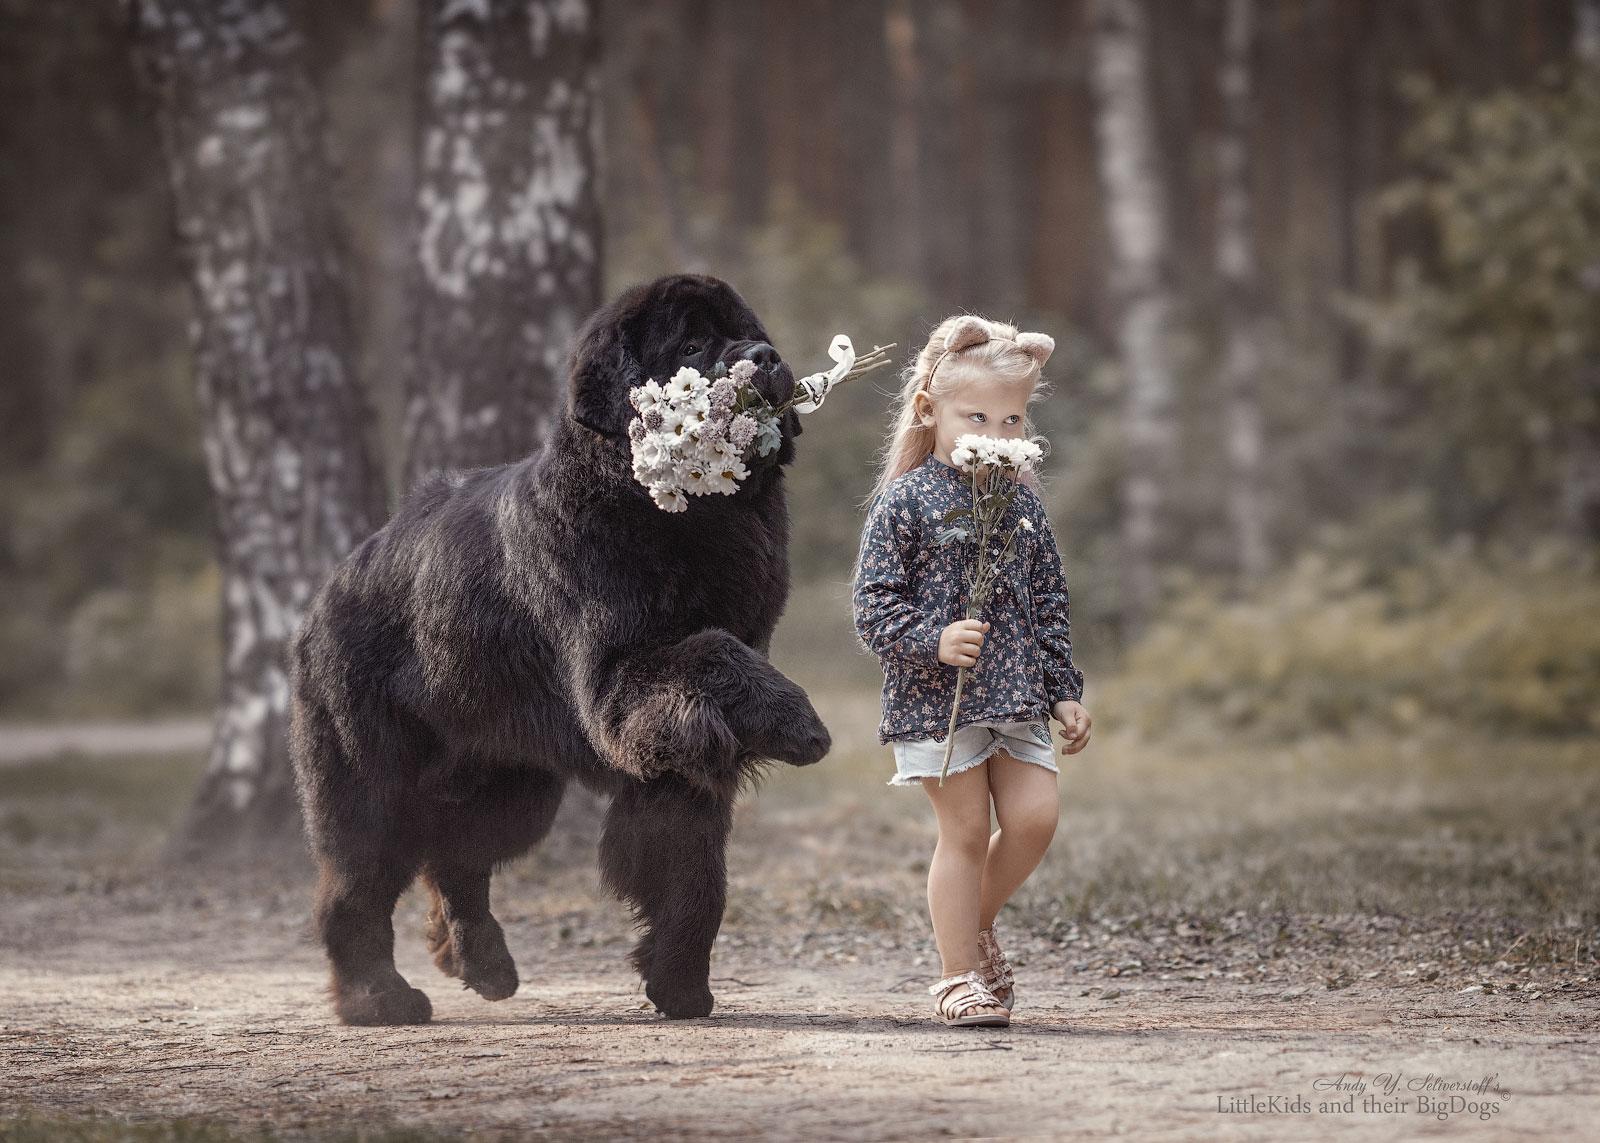 Фото Девочка и пес с цветами. Фотограф Андрей Селиверстов